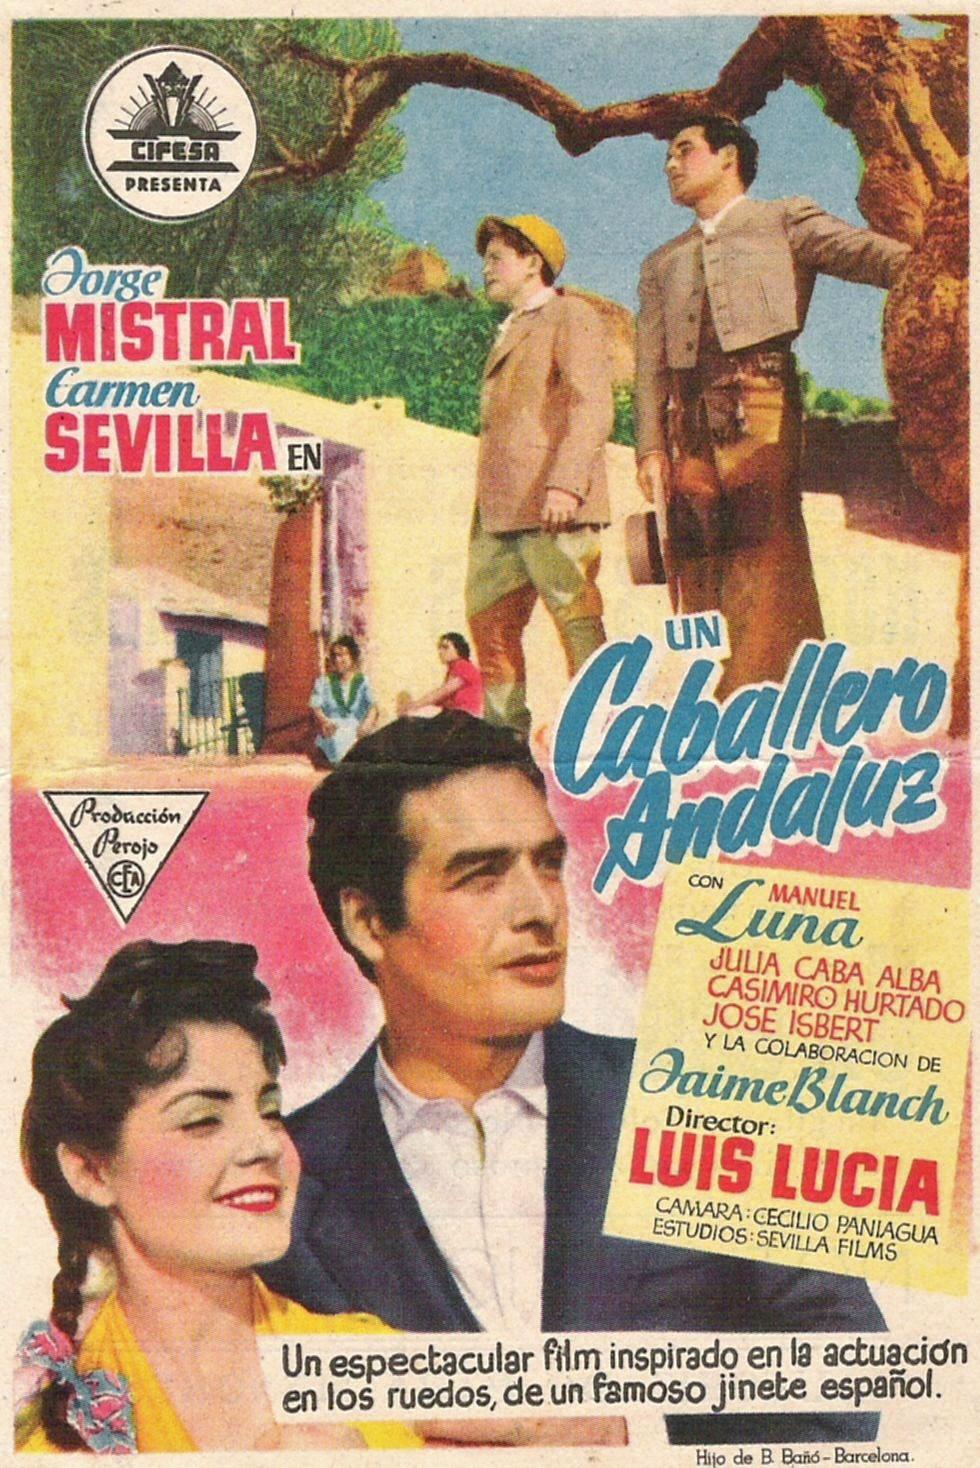 De donde son Ustedes Un+caballero+andaluz